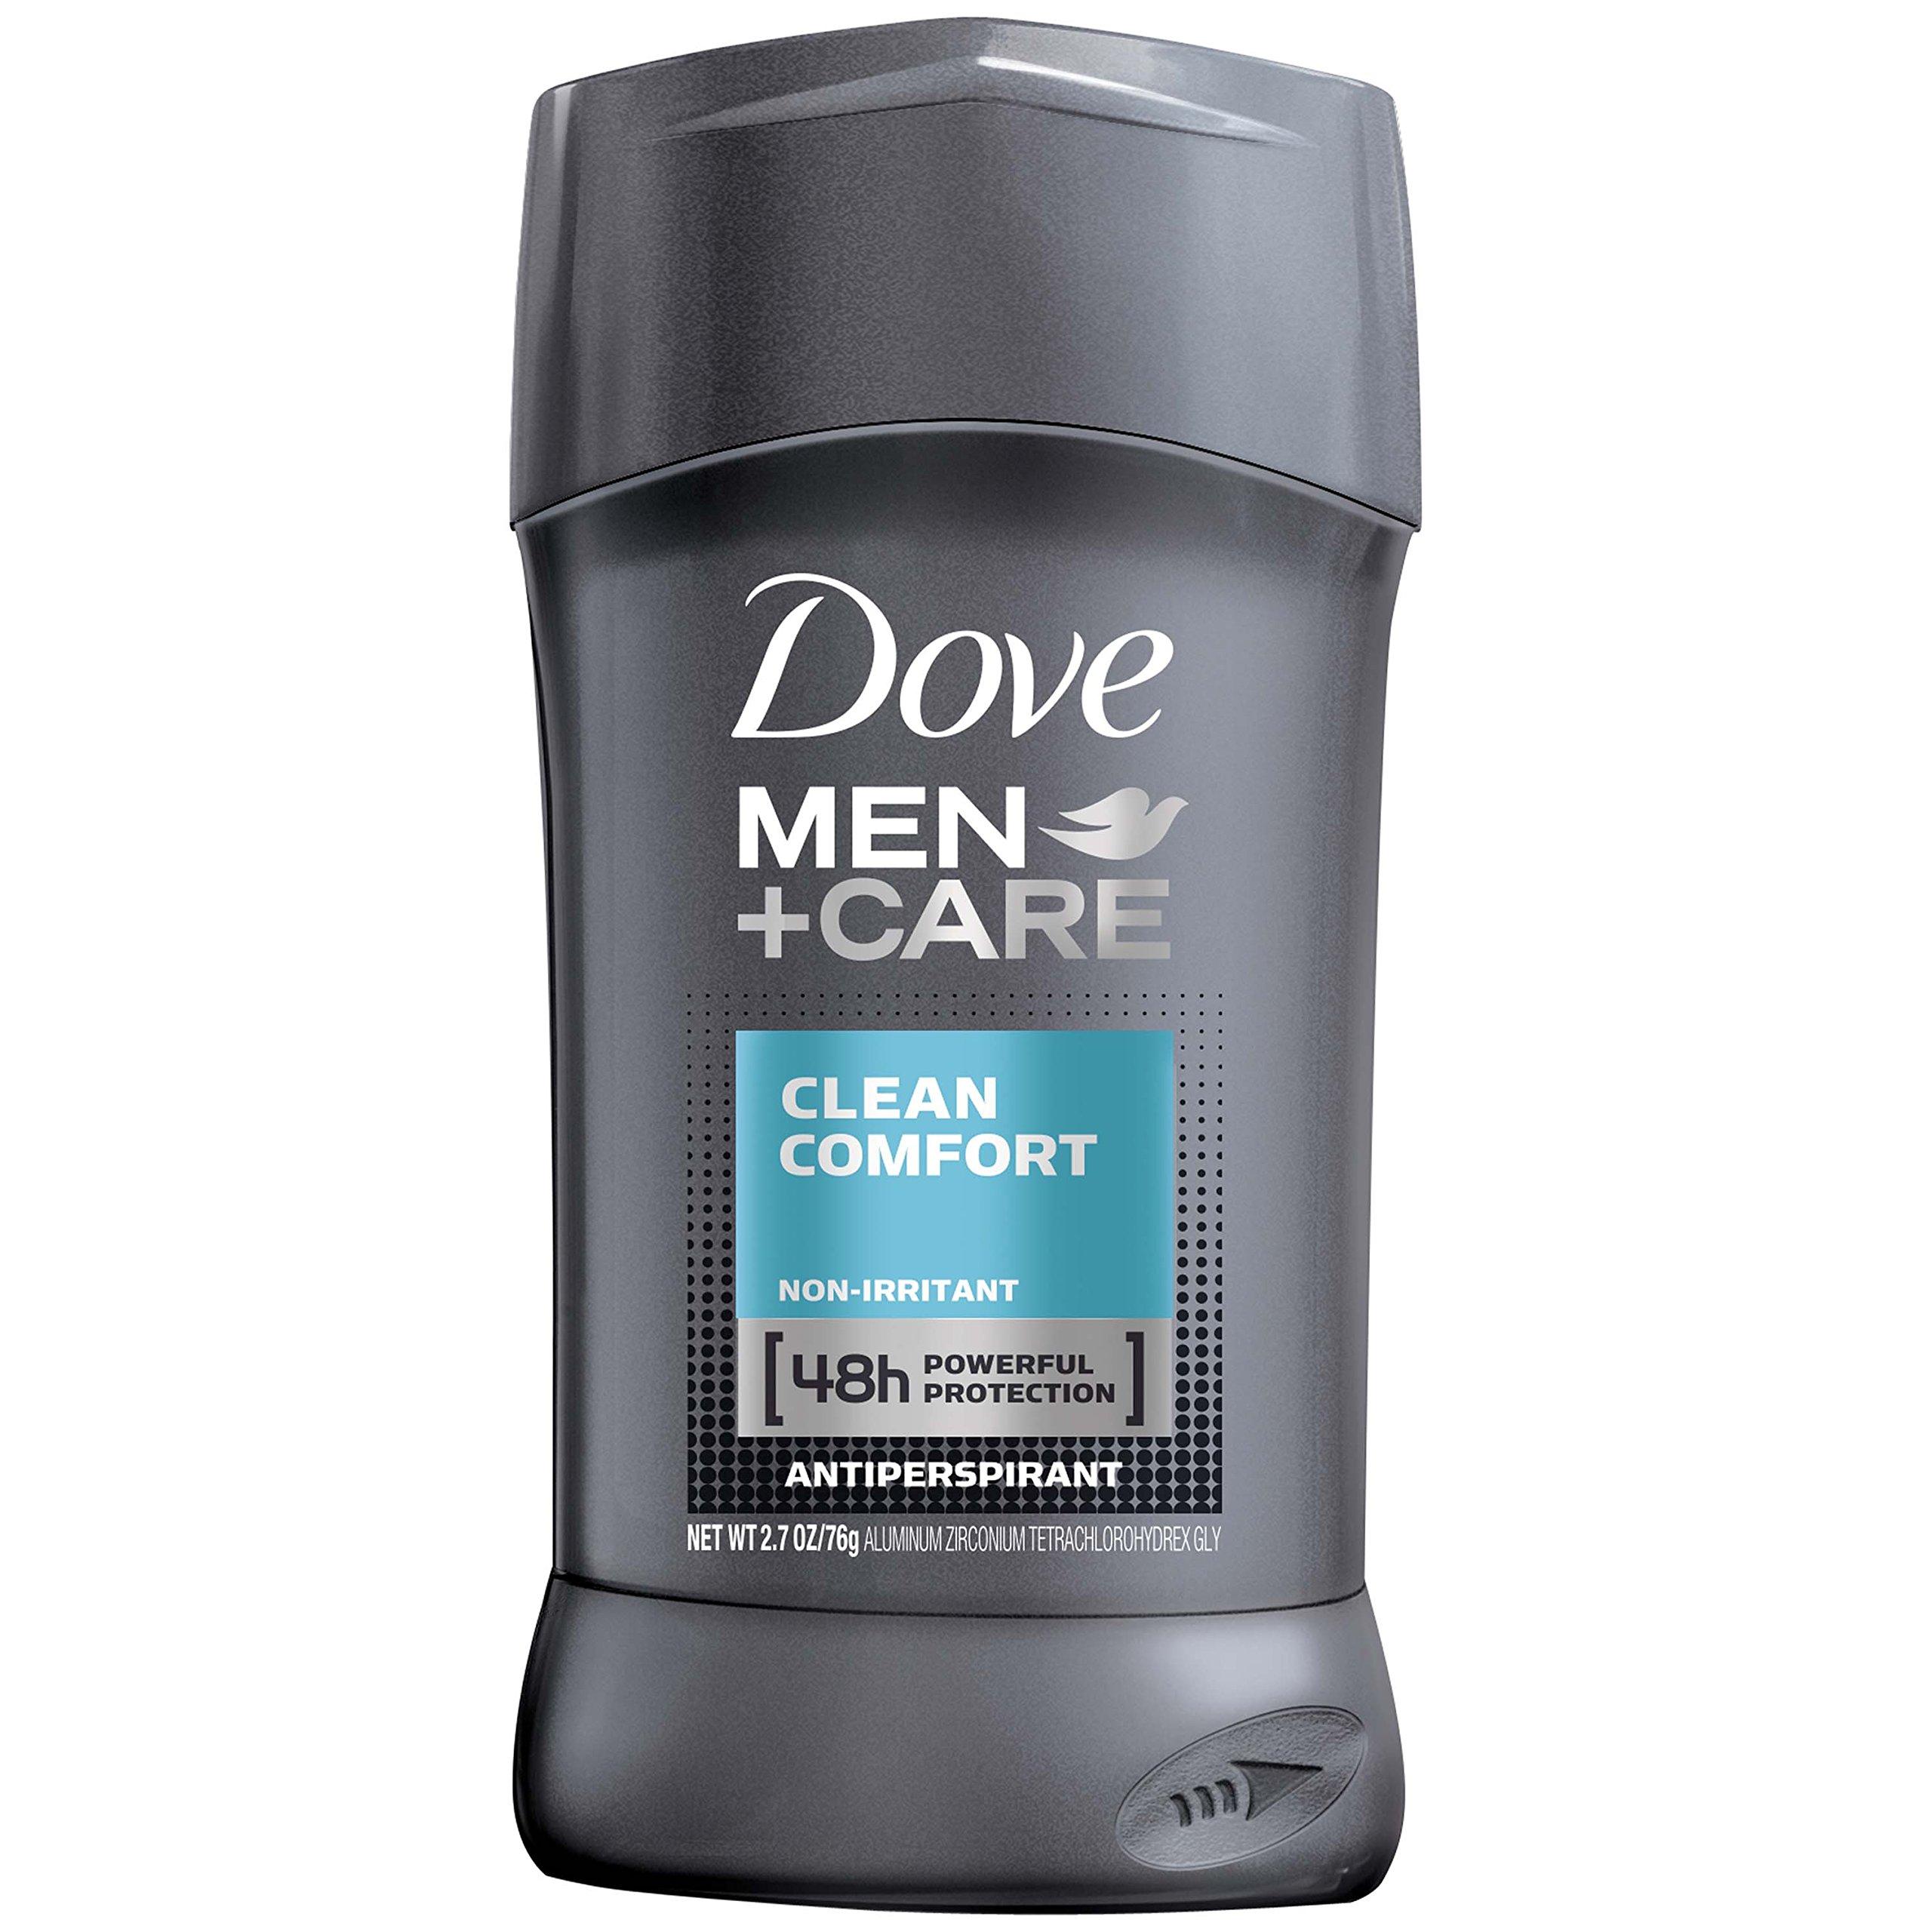 Dove Men+Care Antiperspirant Deodorant Stick, Clean Comfort, 2.7 oz (pack of 3)